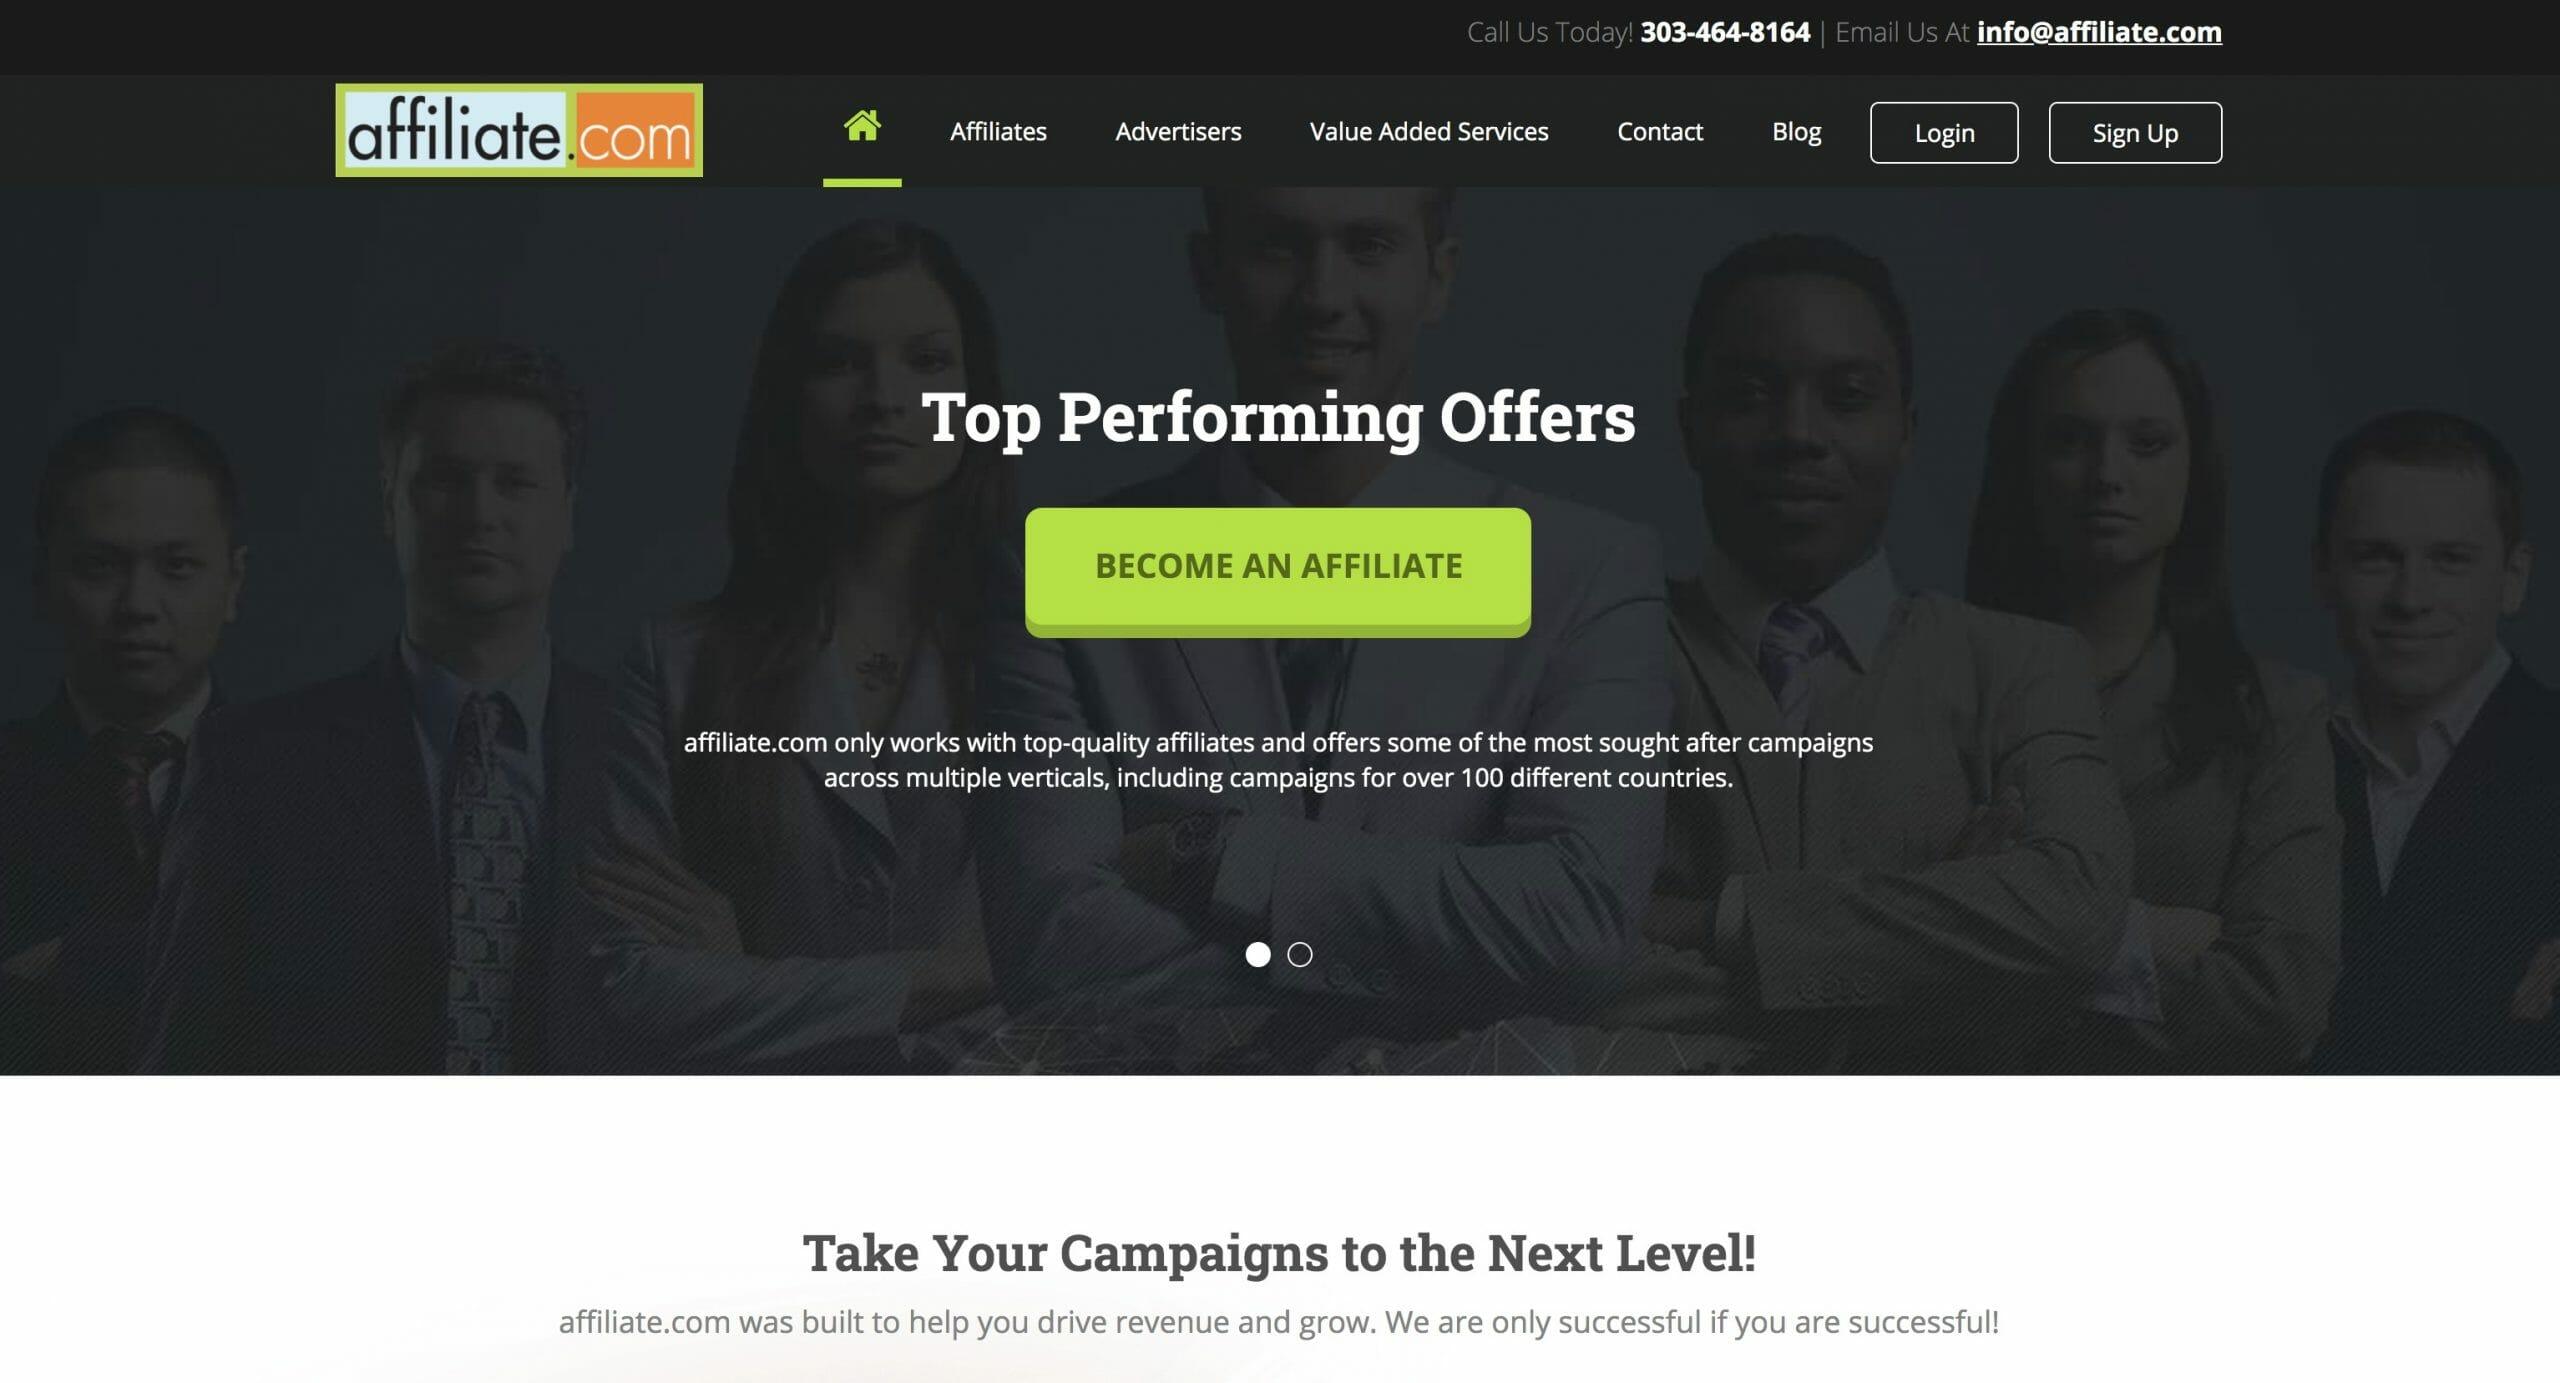 affiliate.com home page preview